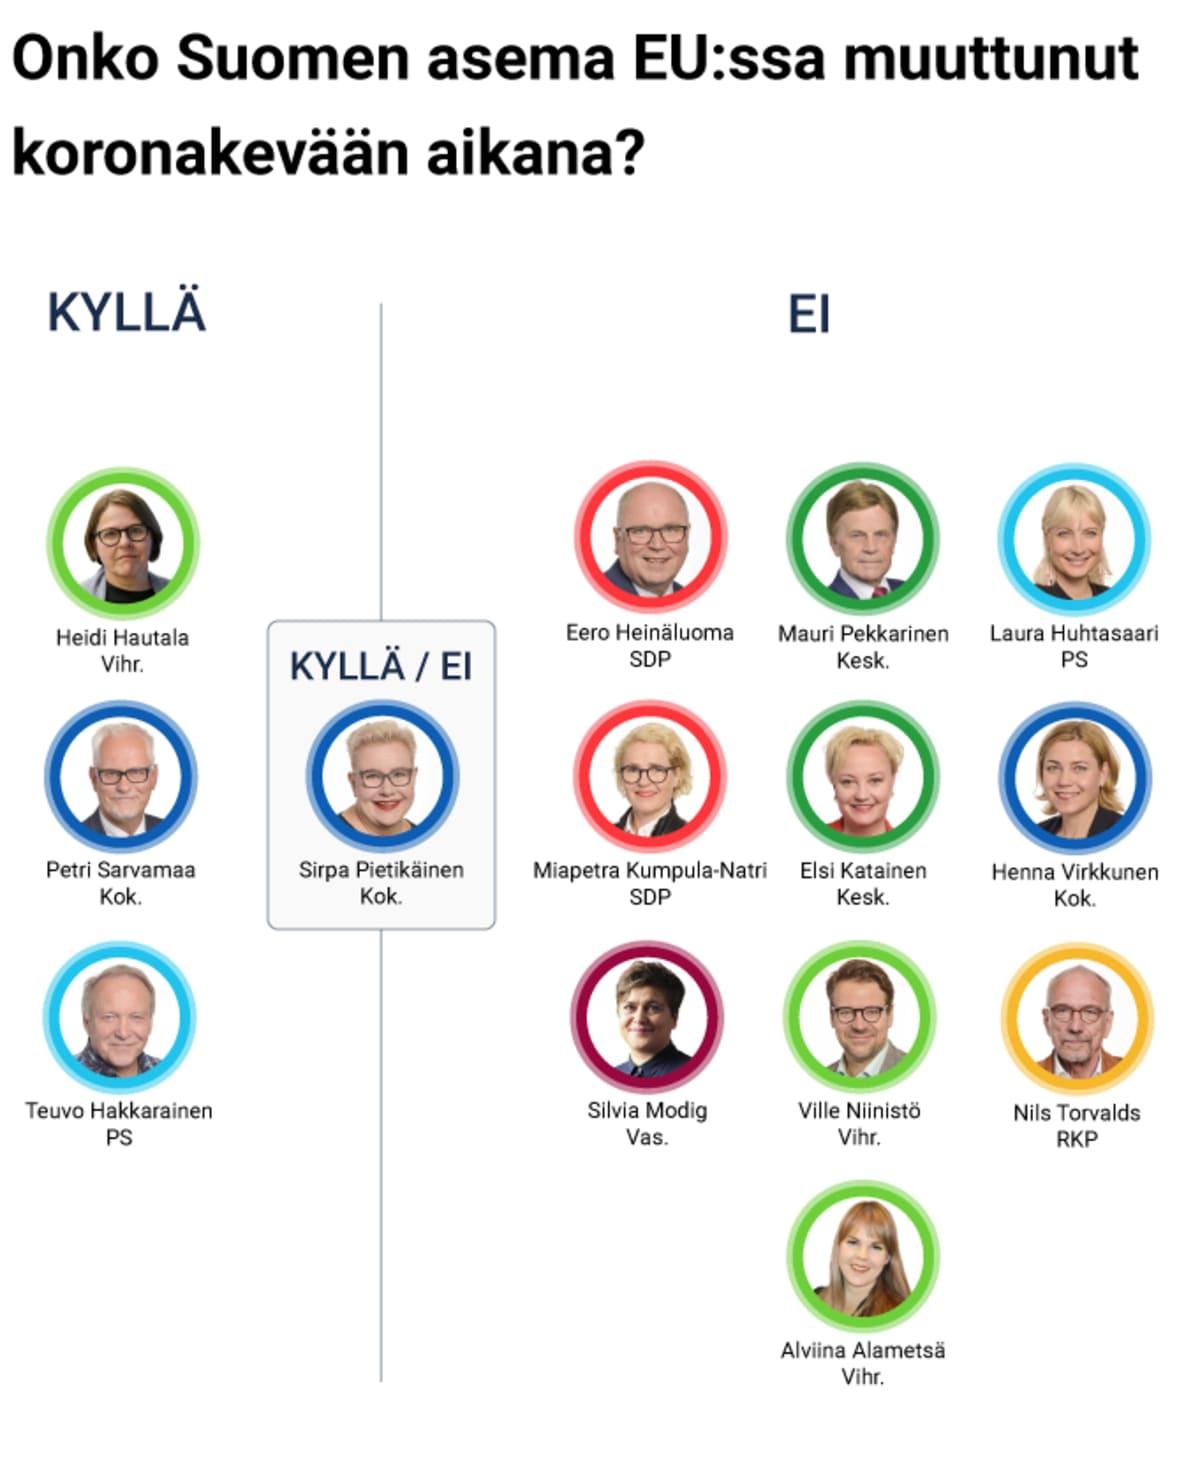 Onko Suomen asema EU:ssa muuttunut koronakevään aikana?